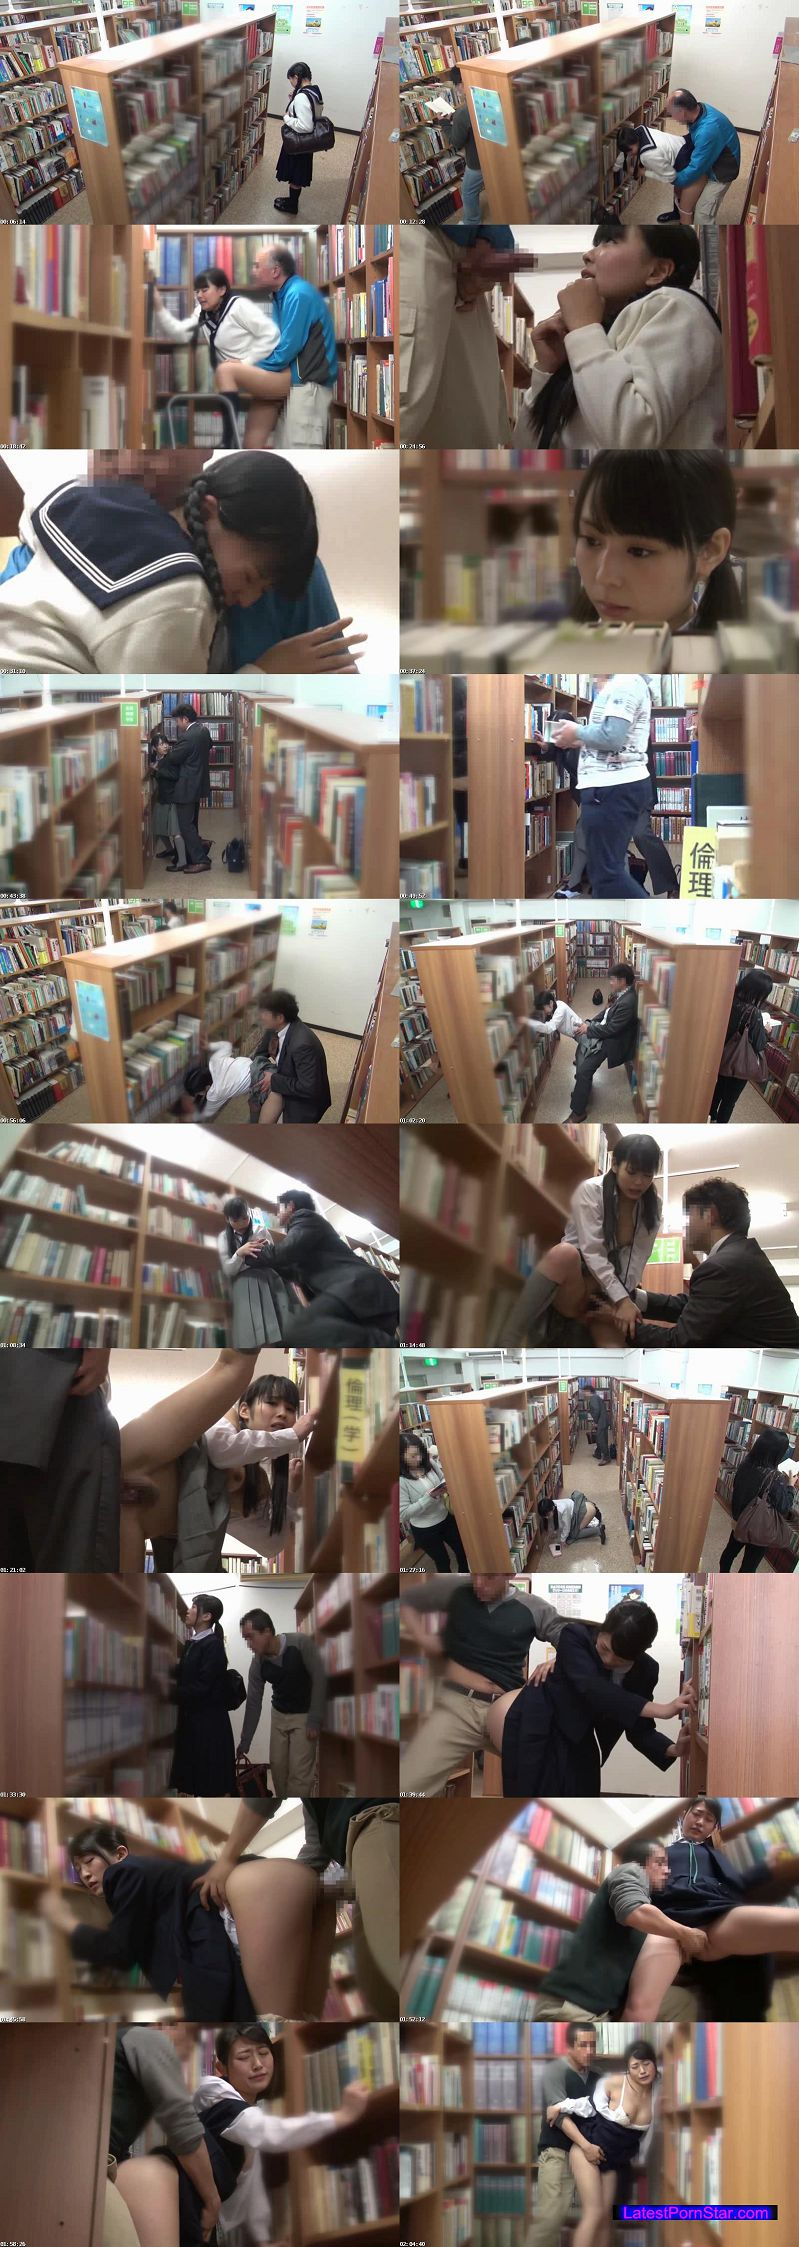 [DVDES-823] 公共施設で突然の強制わいせつ 声を出せない挿れっぱなし図書館 真面目な女子校生の未成熟なキツマンにデカチン即ハメ!合体したまま館内連れ回し!長時間挿入でガマンできずに無念の発情潮!!